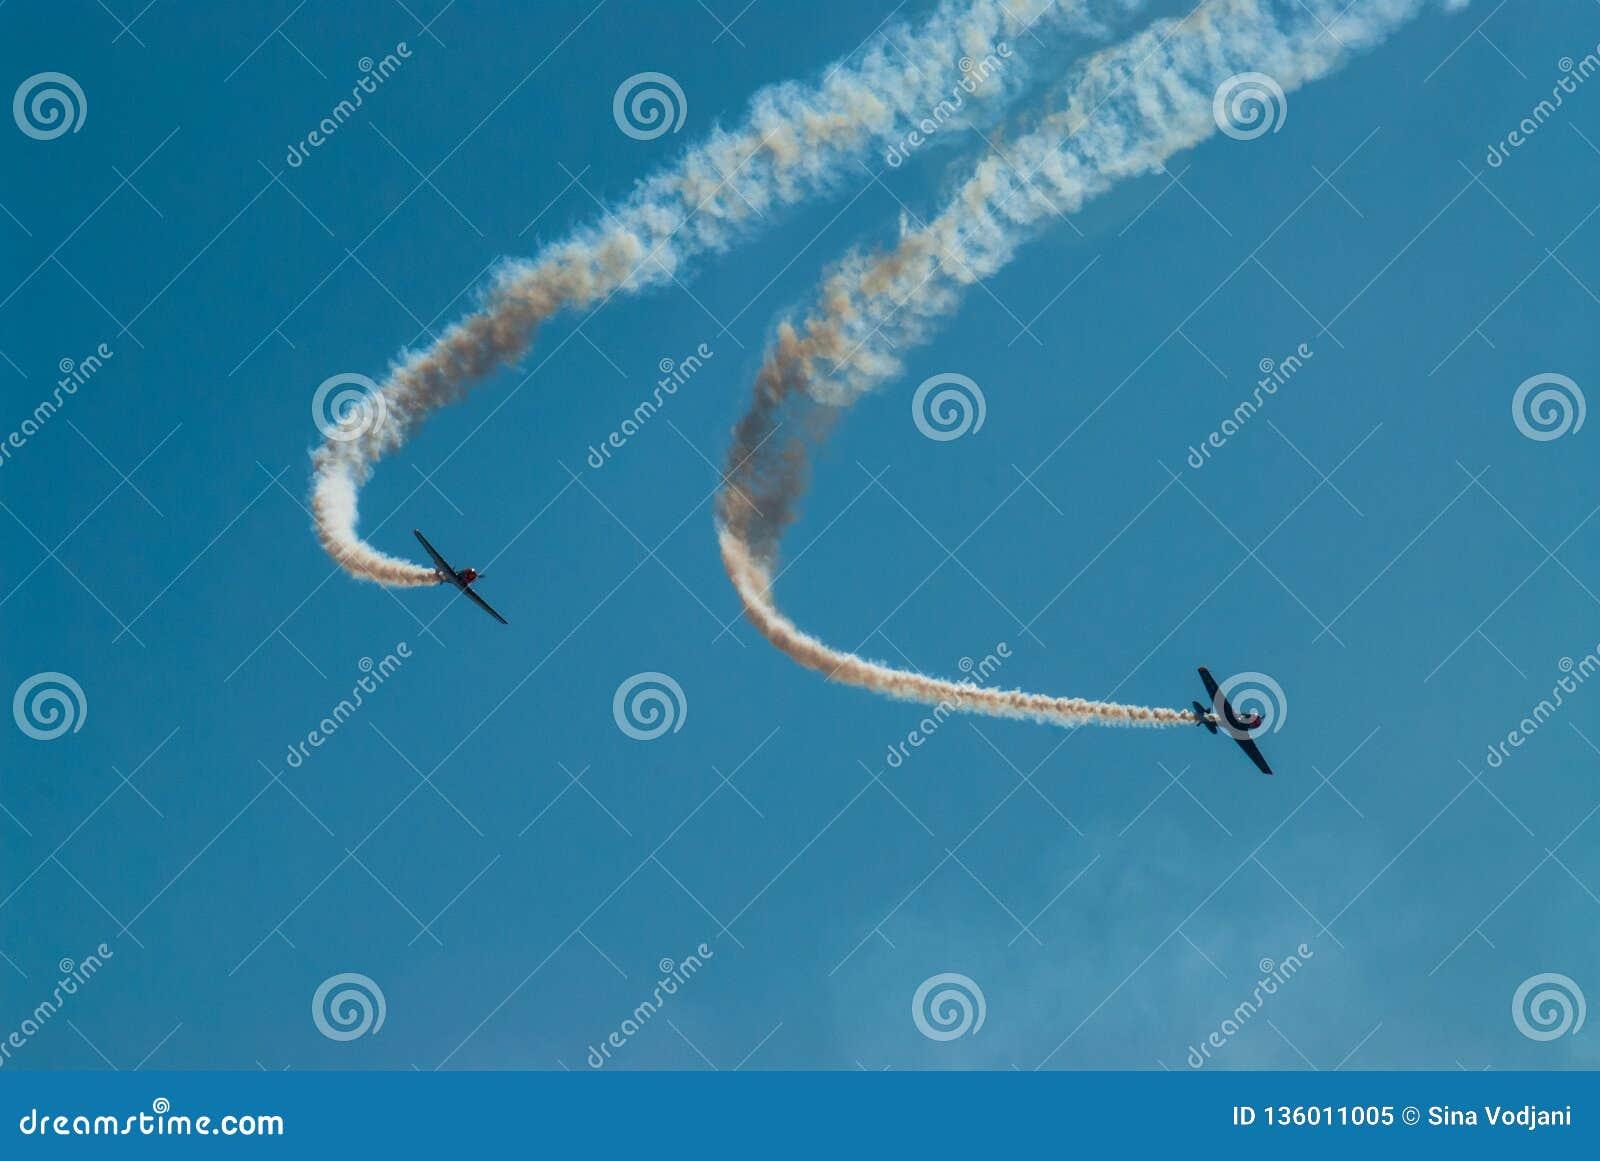 Traînée simple acrobatique de fumée de représentation